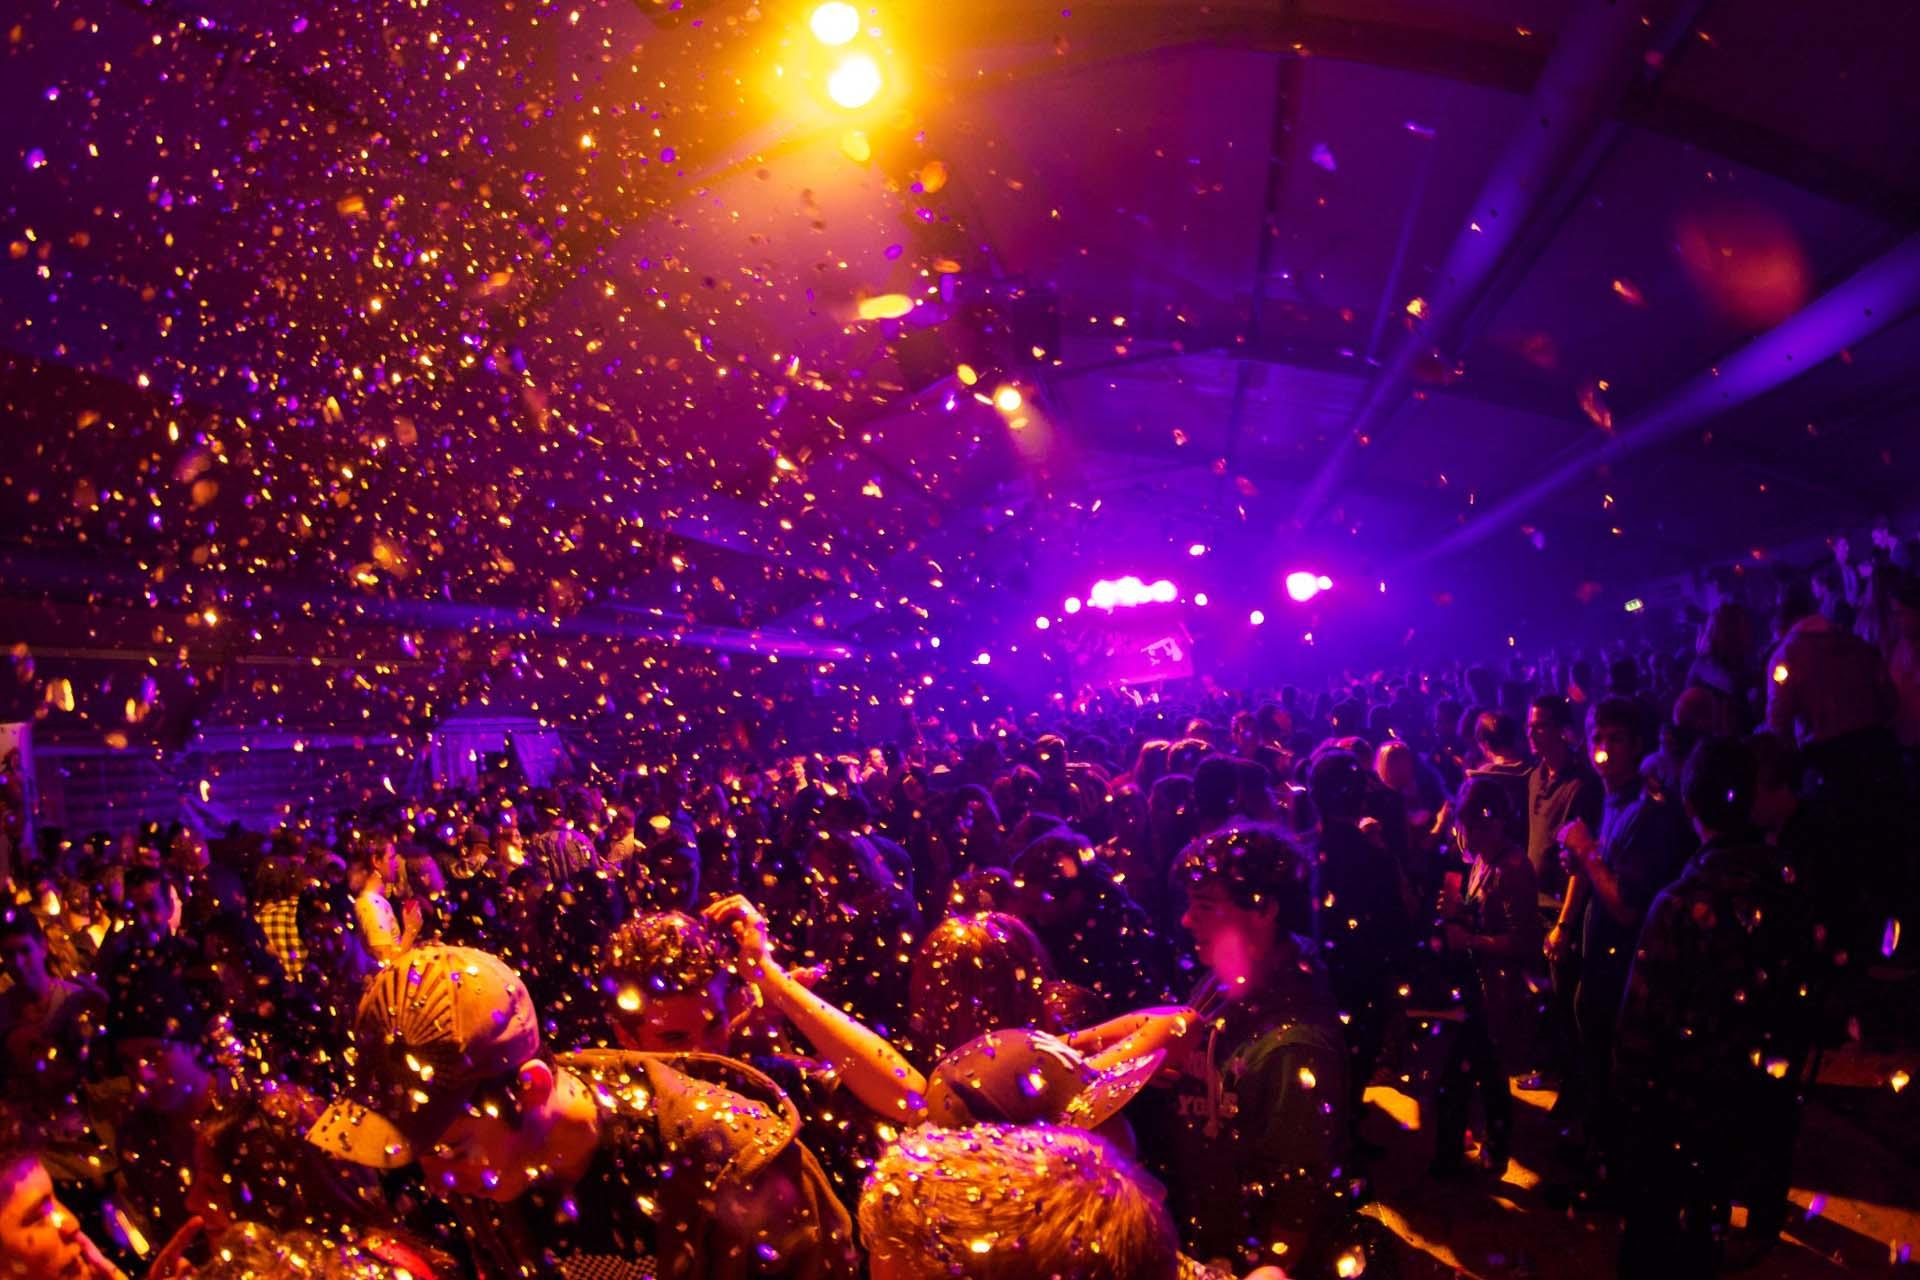 Лучшие вечеринки в клубах в мире видео